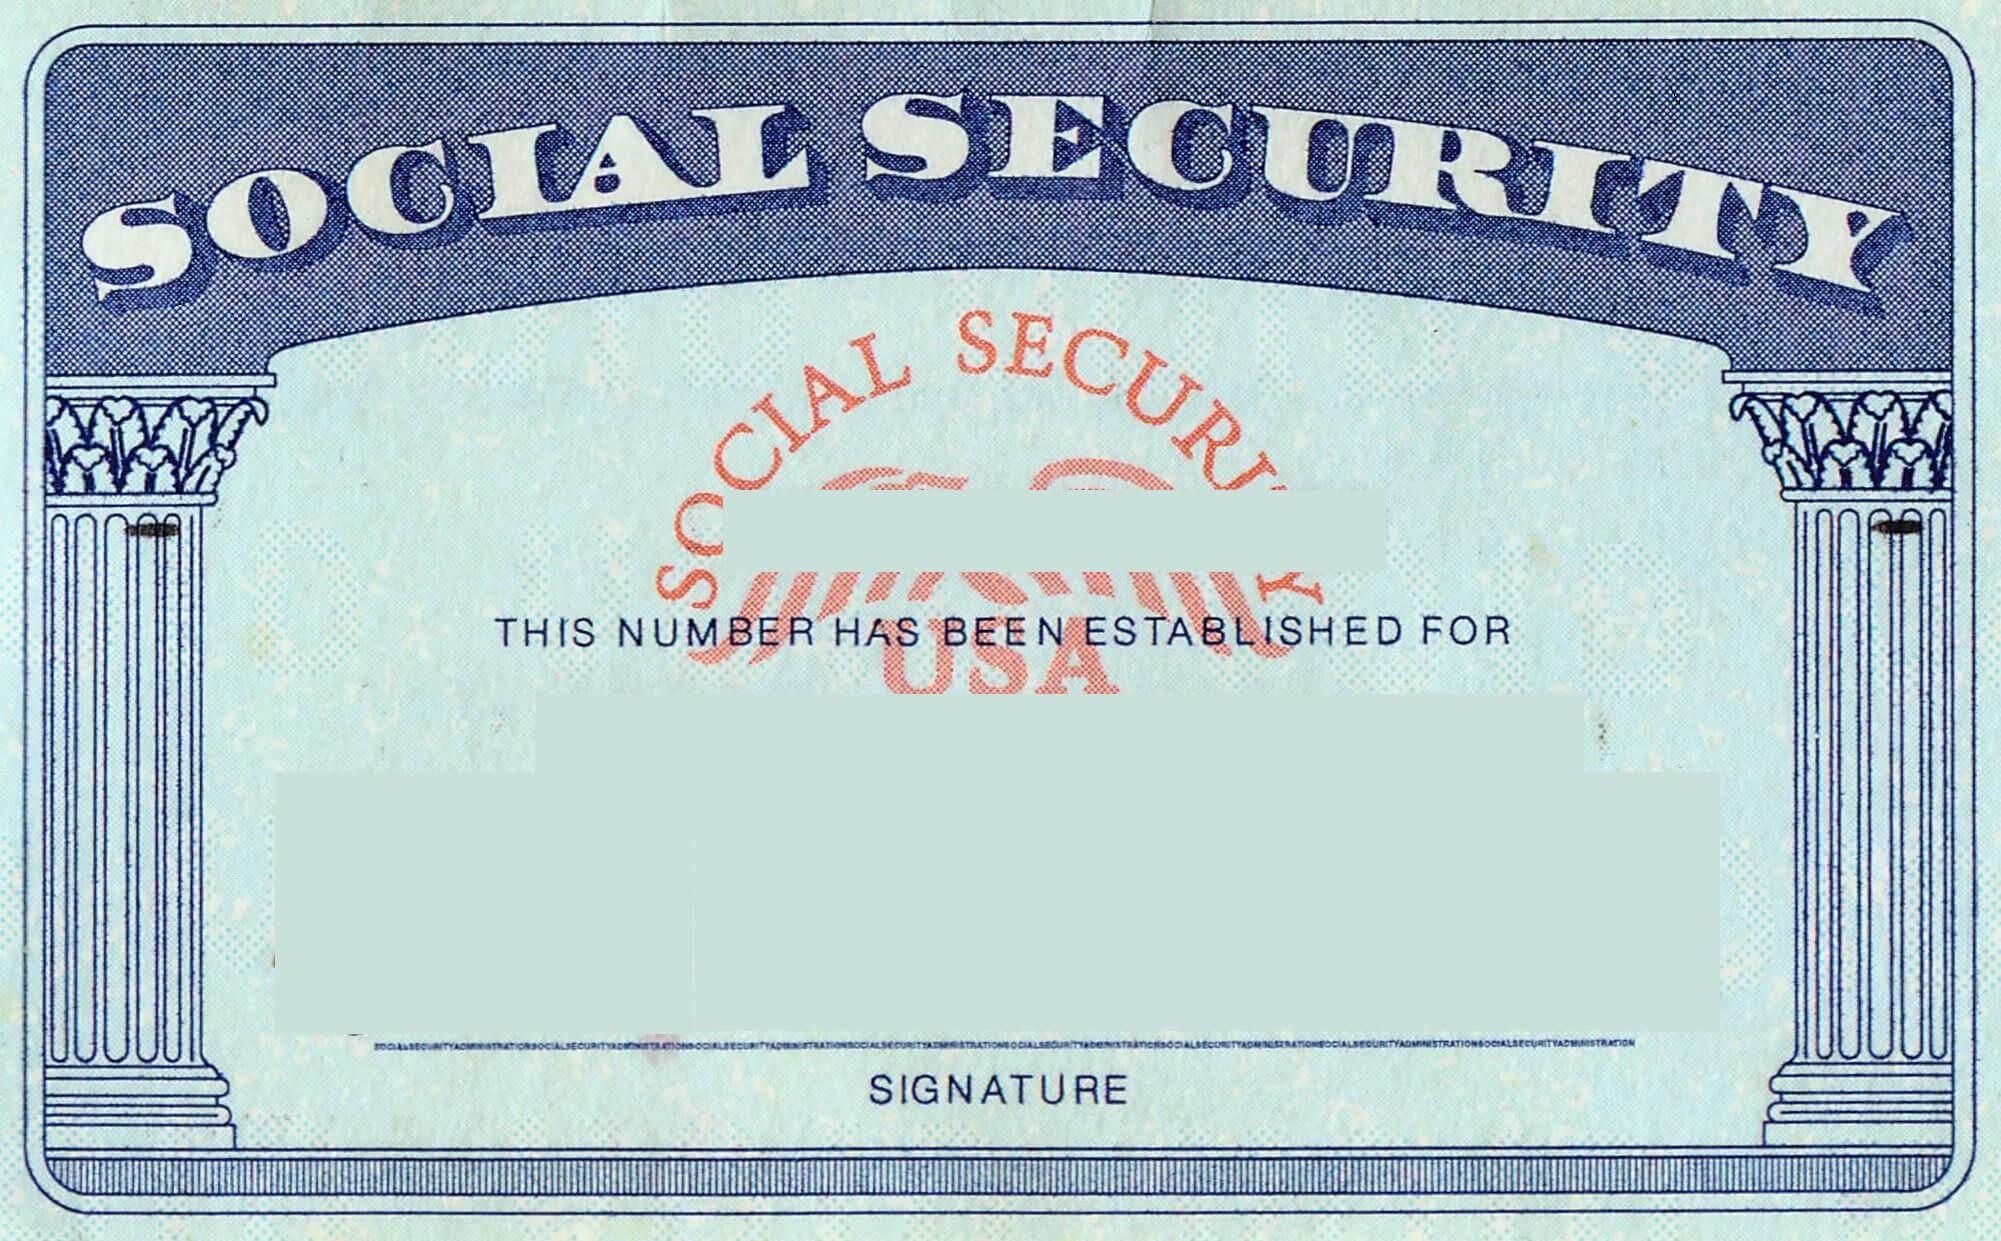 Blank Social Security Card Template | Social Security Card With Editable Social Security Card Template